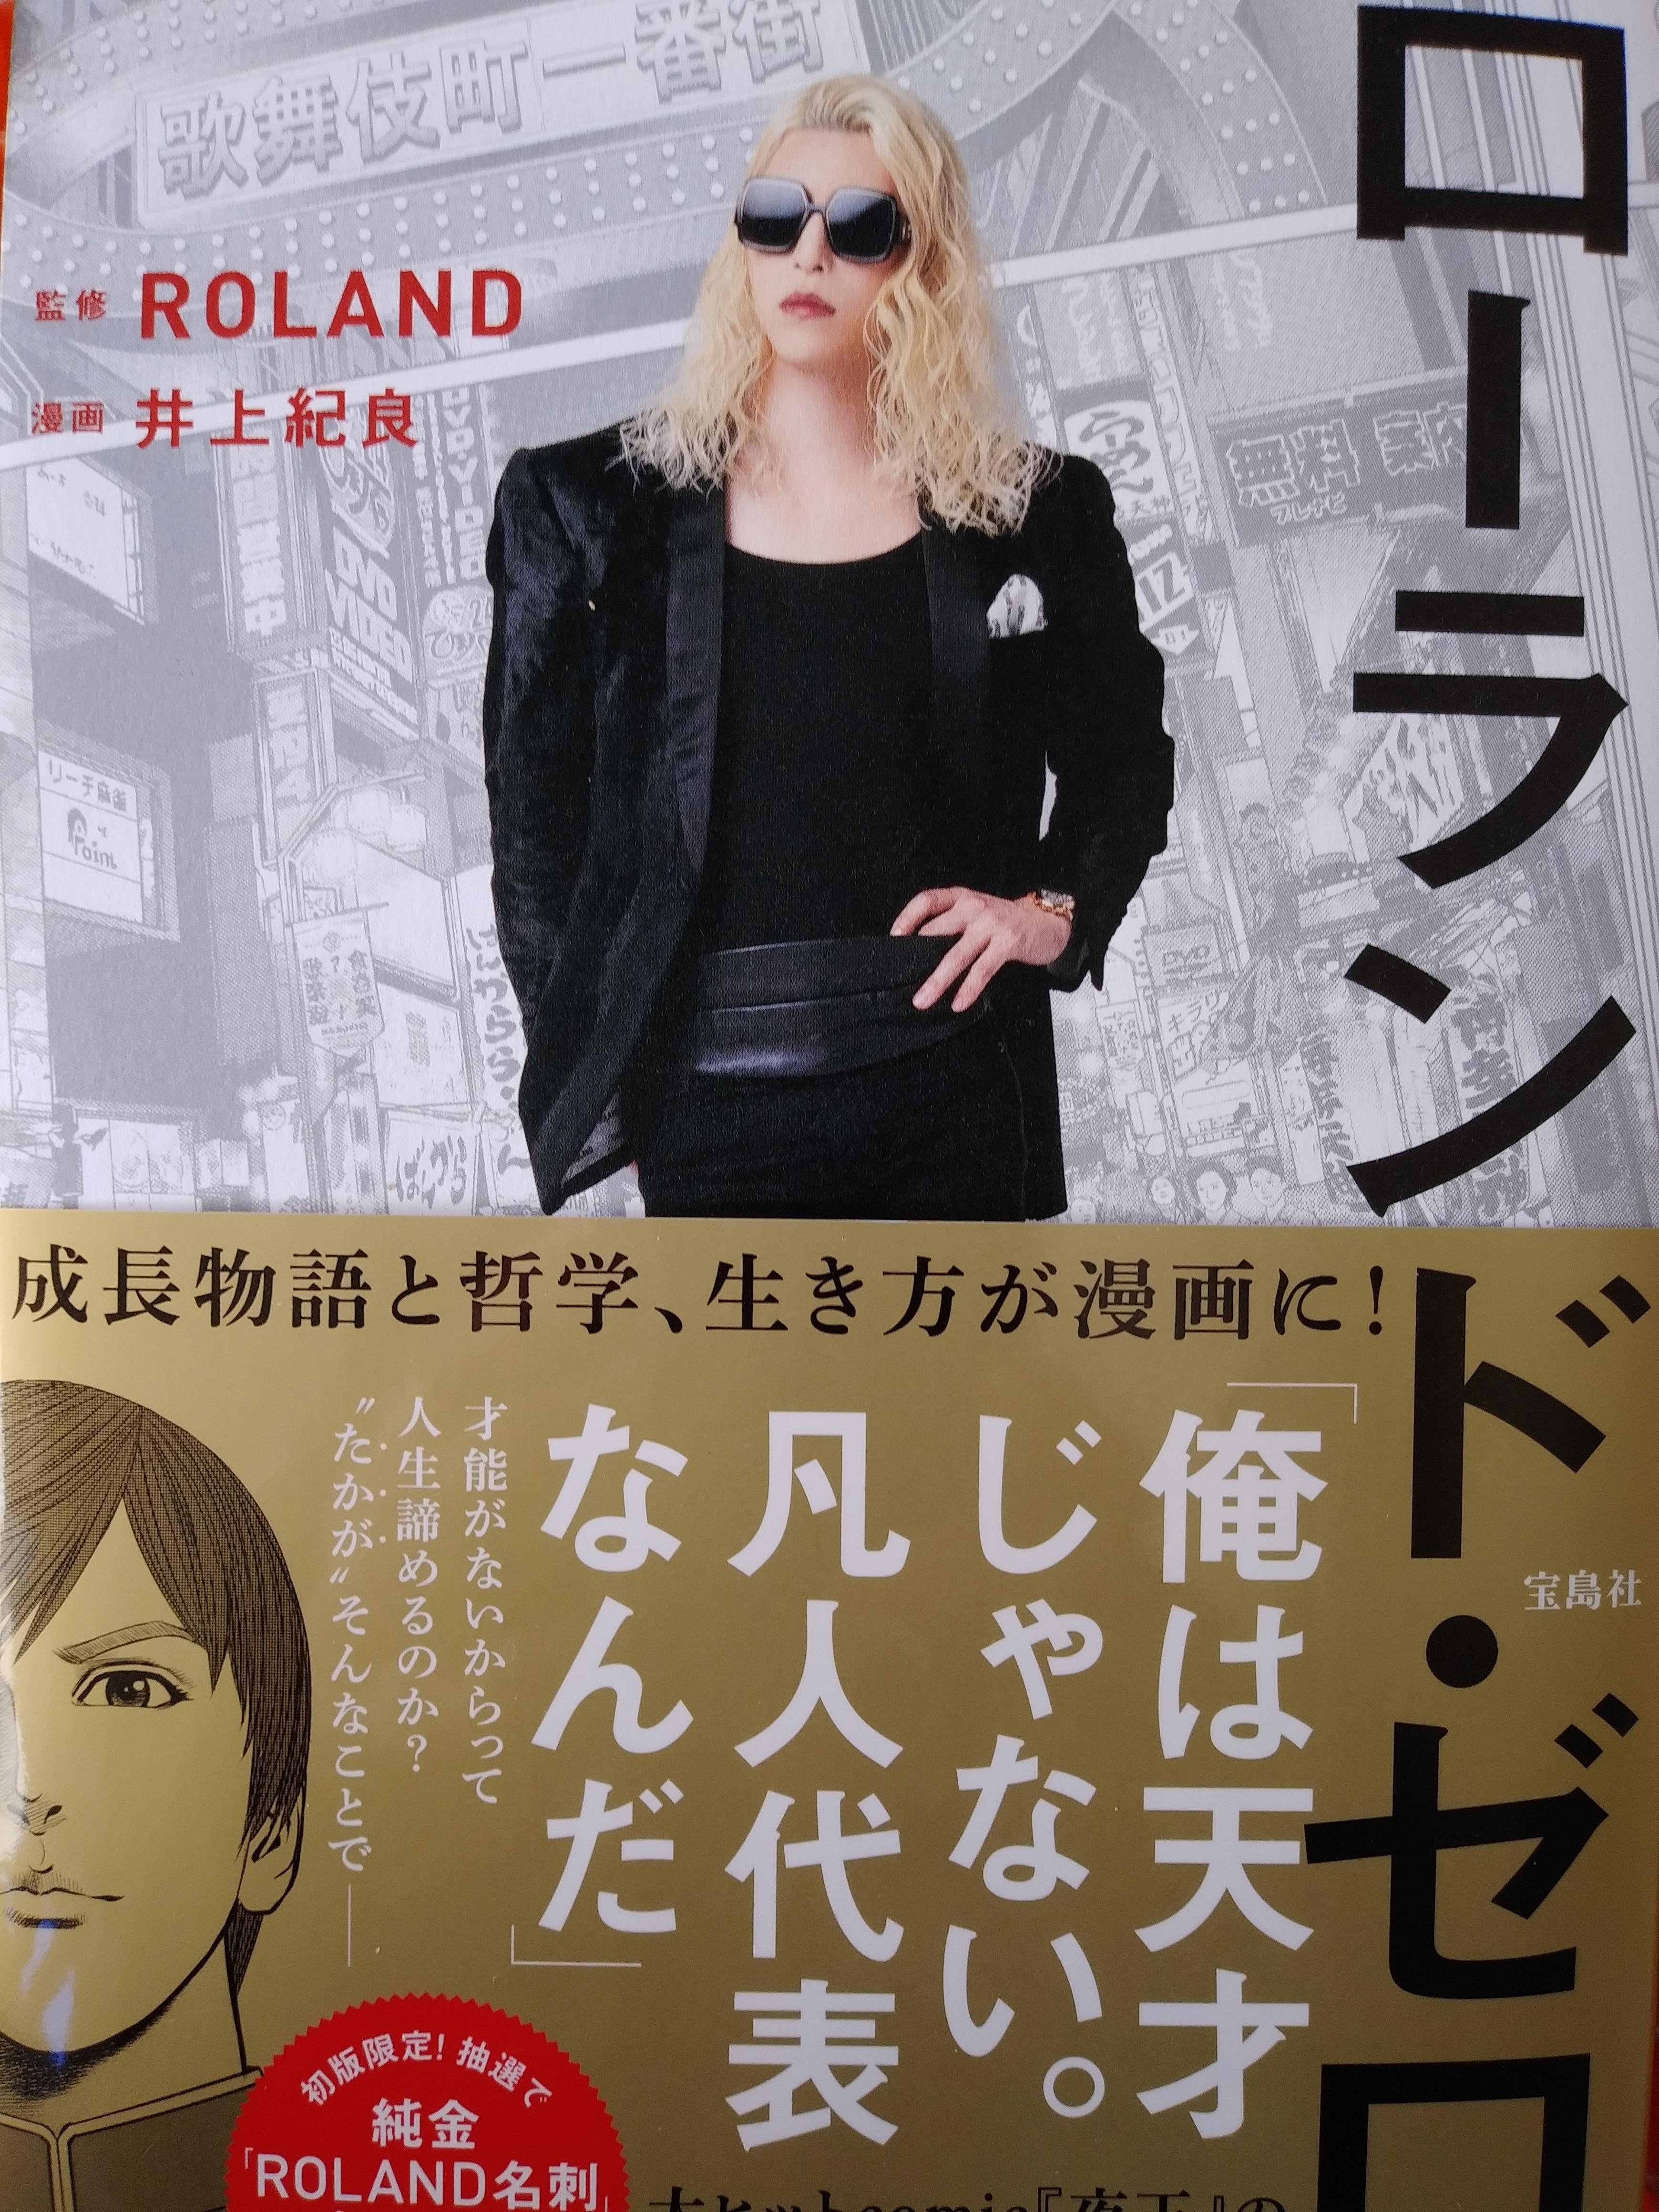 「買っちゃったー」01/19(01/19) 11:10 | アユミの写メ・風俗動画